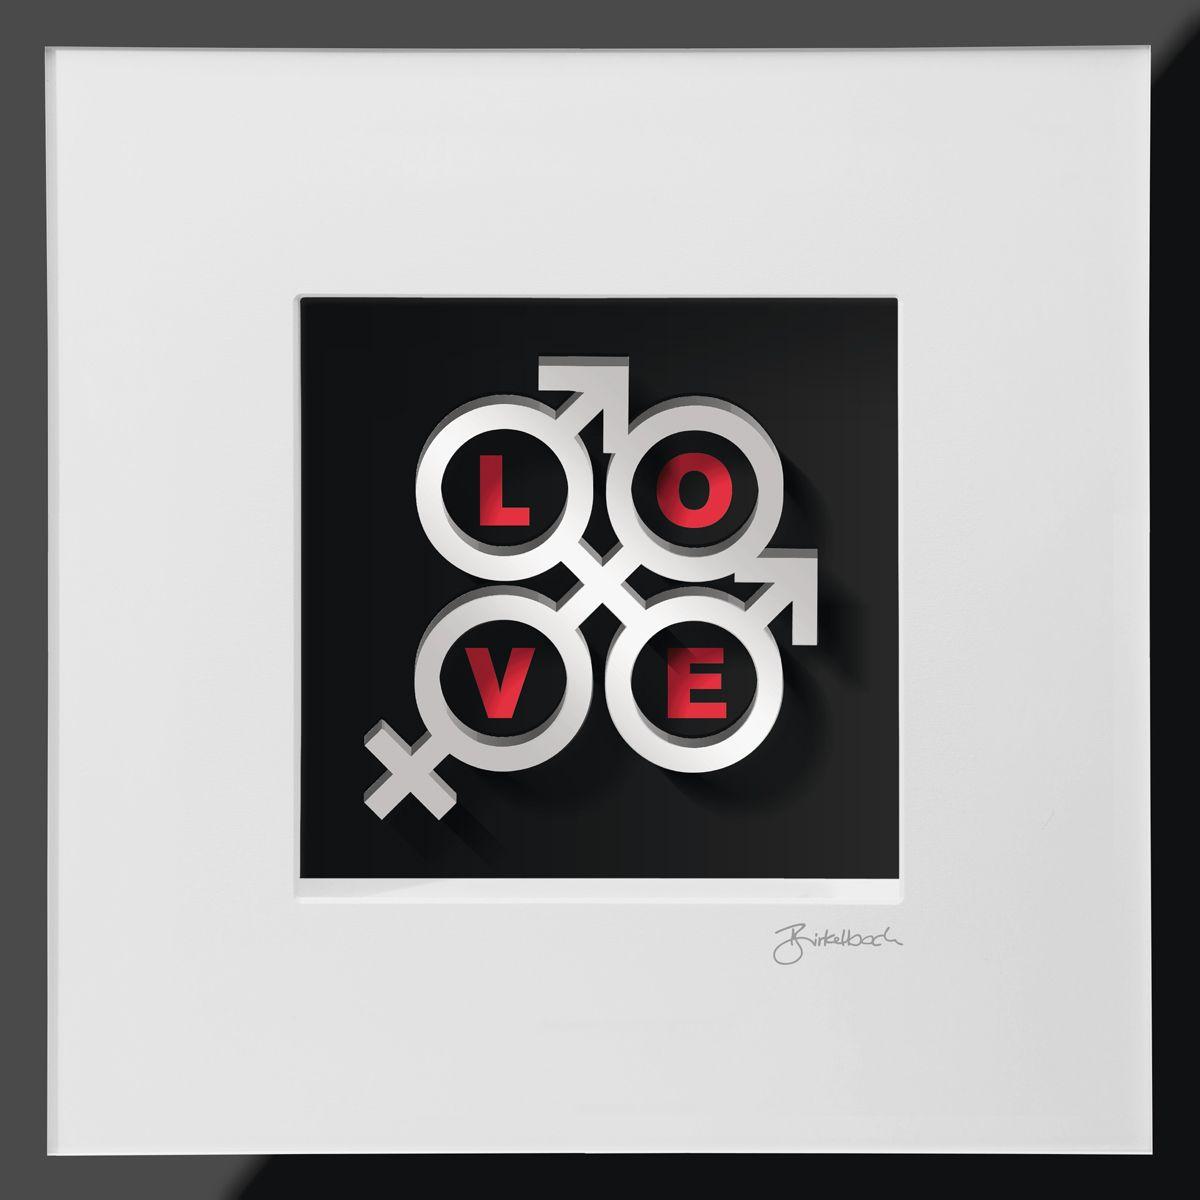 Dreidimensionale Wortbilder Typographische Kunst Und Mordernes Design In 2020 Wortkunst Wortbilder Kunst